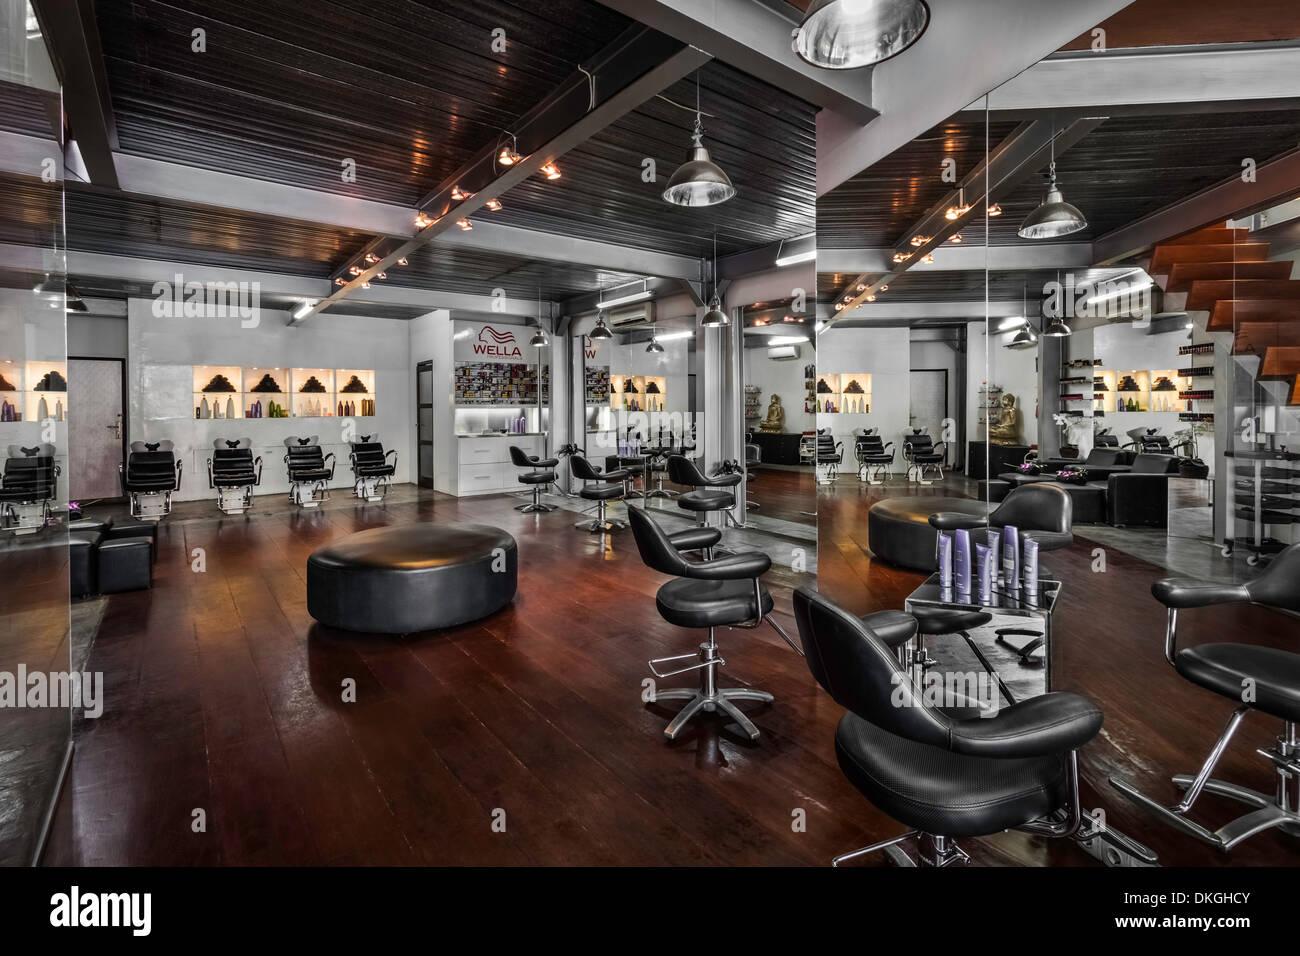 friseur salon interior st hle spiegel sch nheit boden holz. Black Bedroom Furniture Sets. Home Design Ideas